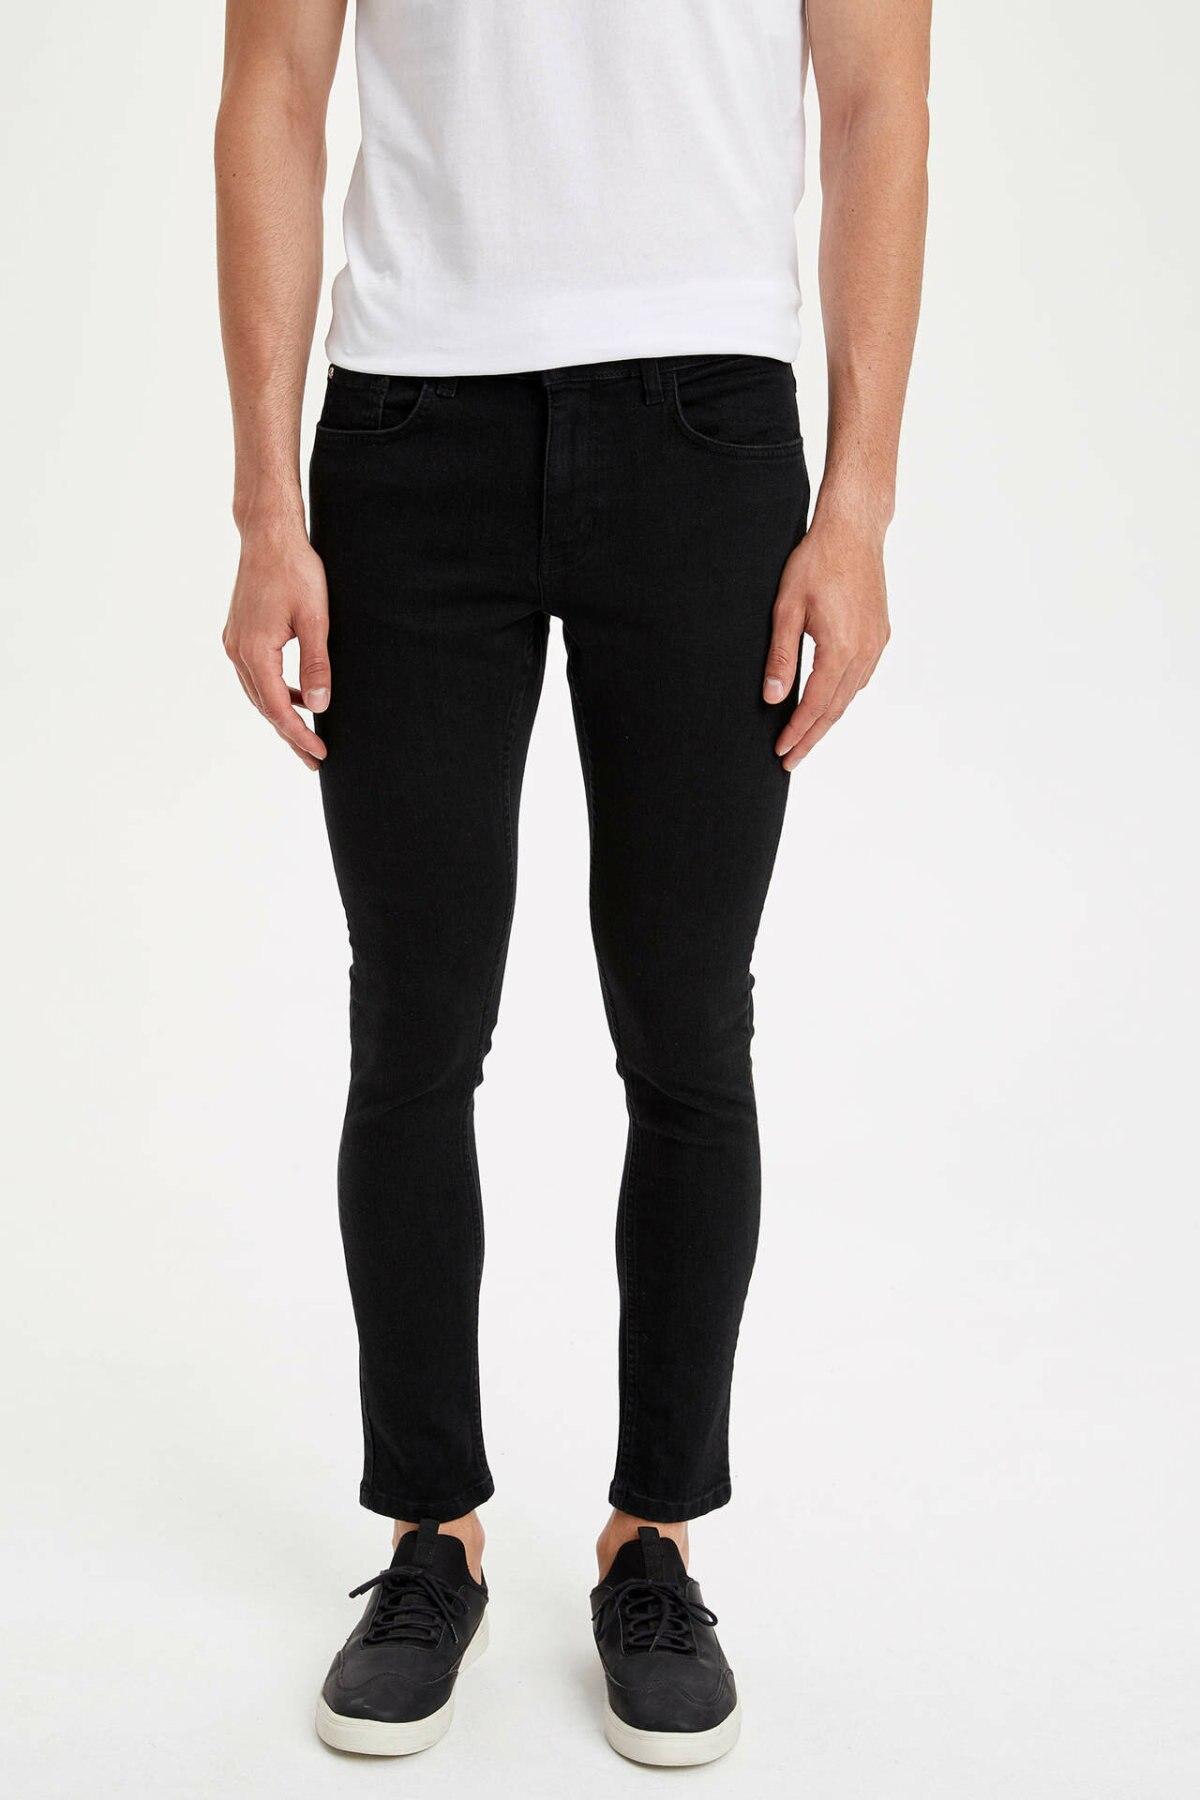 DeFacto Man Summer Skinny Black Denim Jeans Men Casual Fit Body Denim Pants Men Mid-waist Bottoms Trousers-L9183AZ19SM